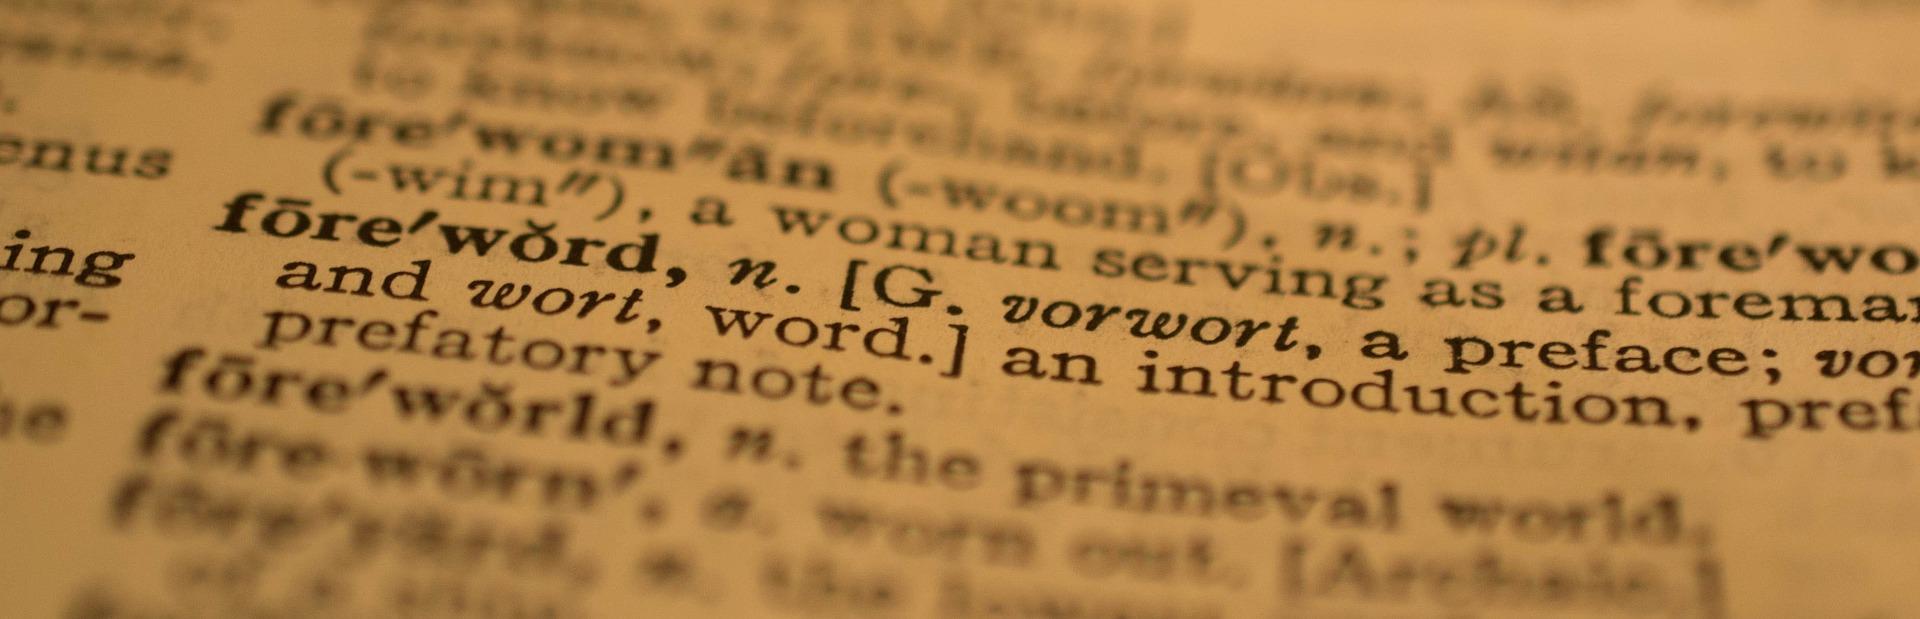 Wortpreis Übersetzung